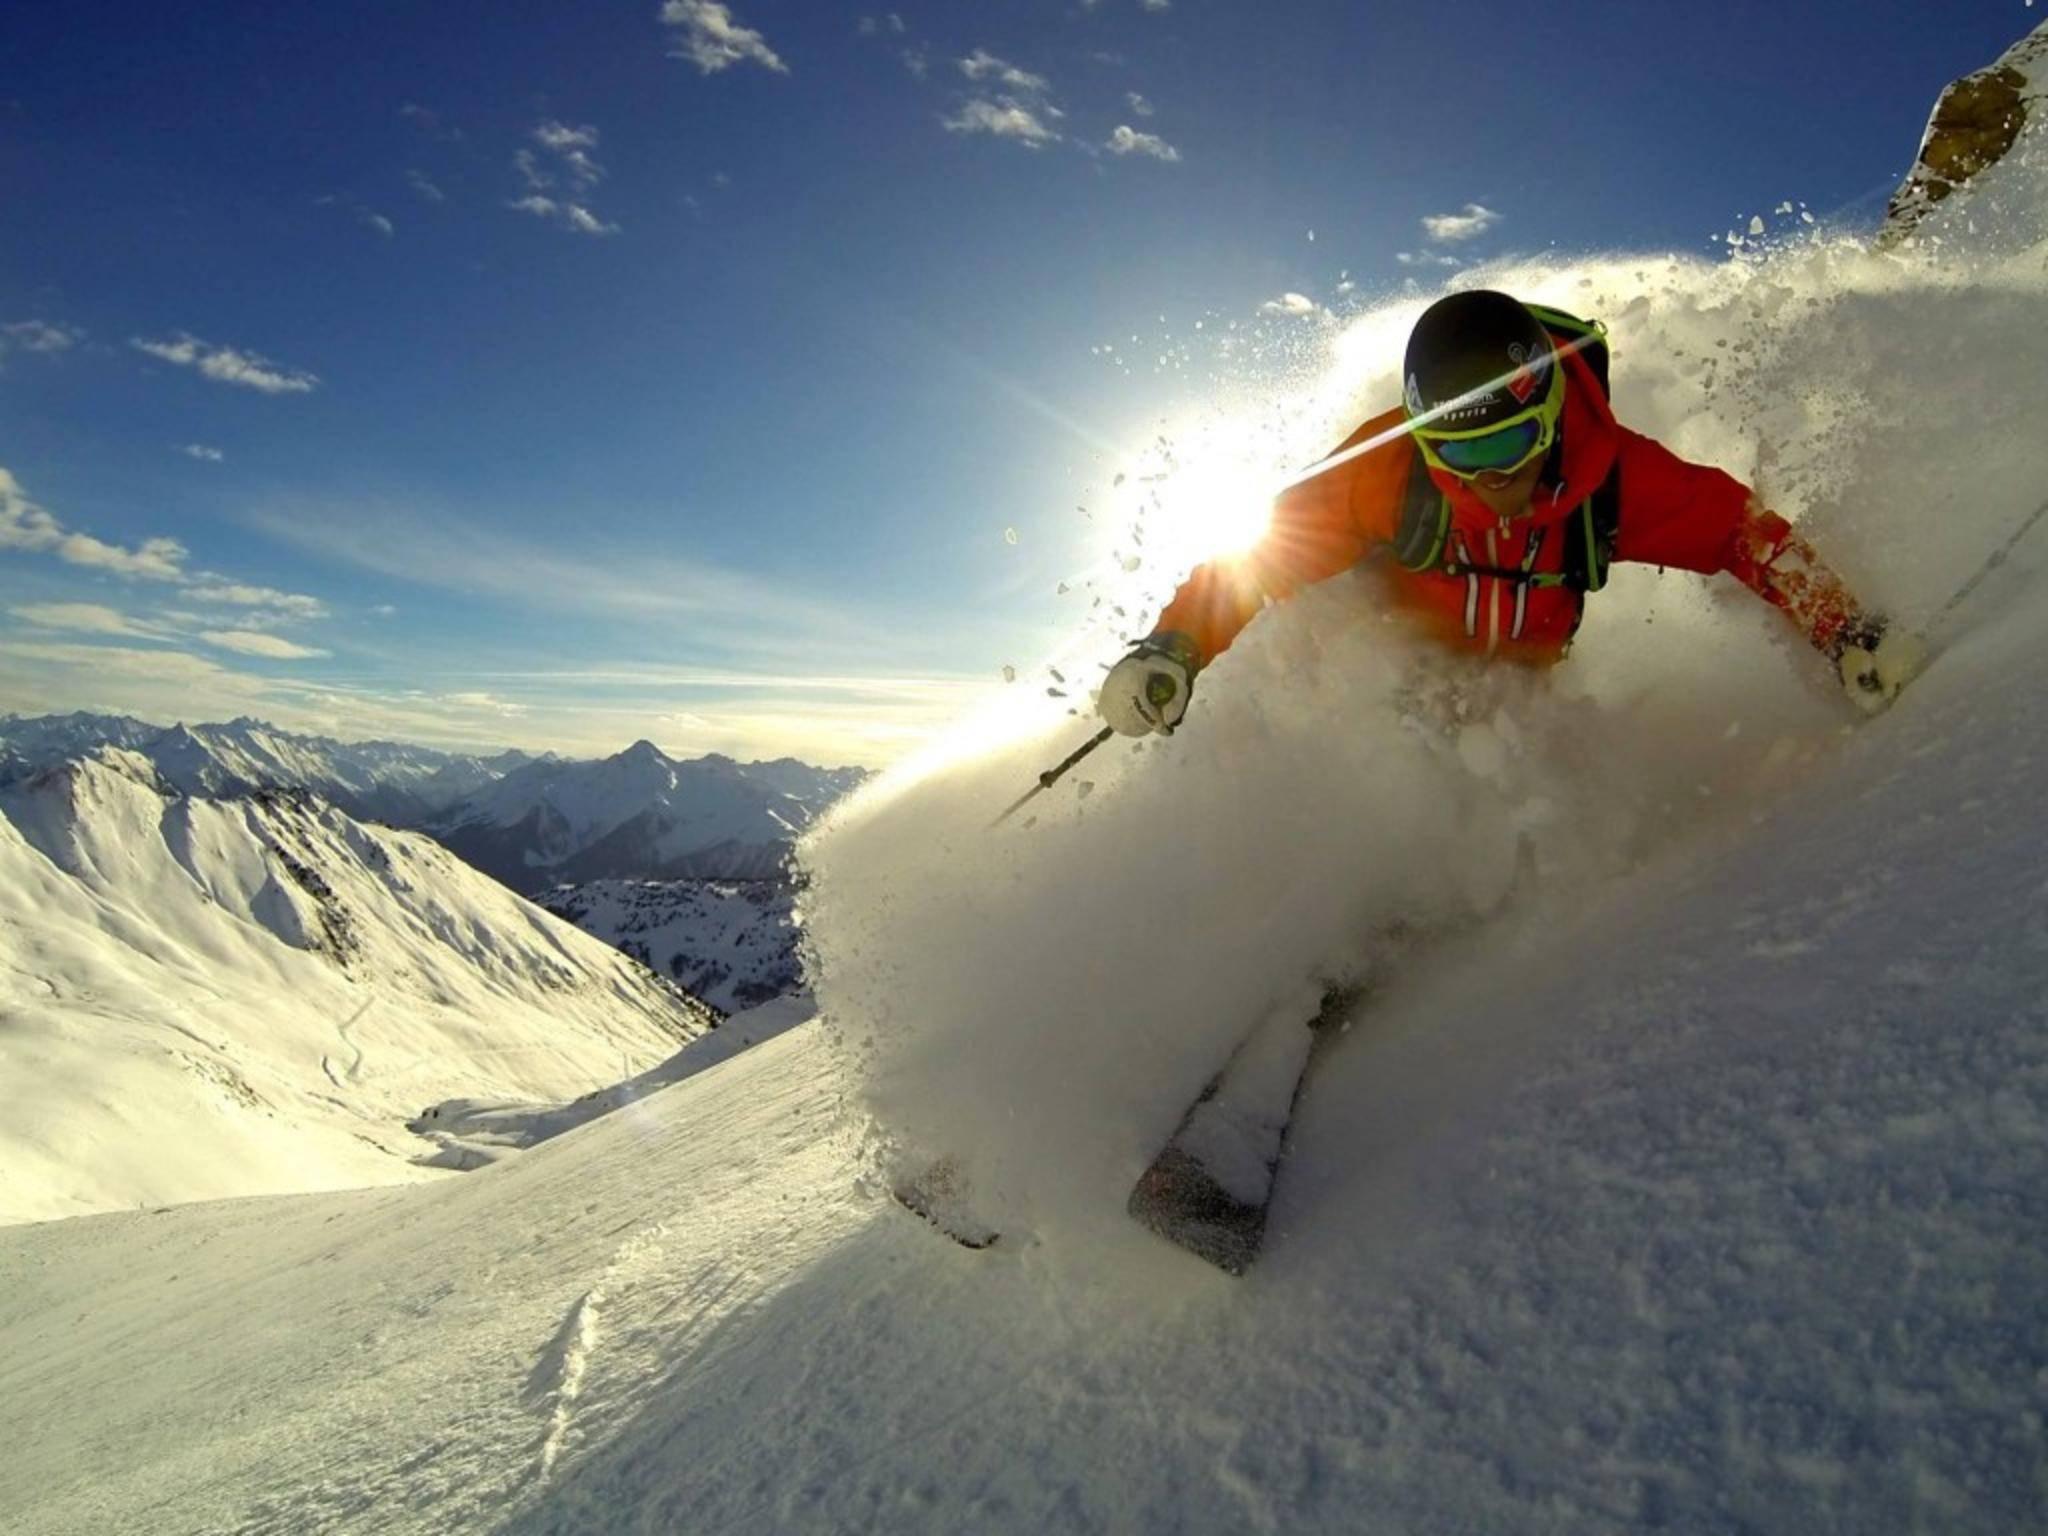 Wer nicht nur weiße Bilder einfangen will, sollte ein paar GoPro-Tipps beim Skifahren beherzigen.